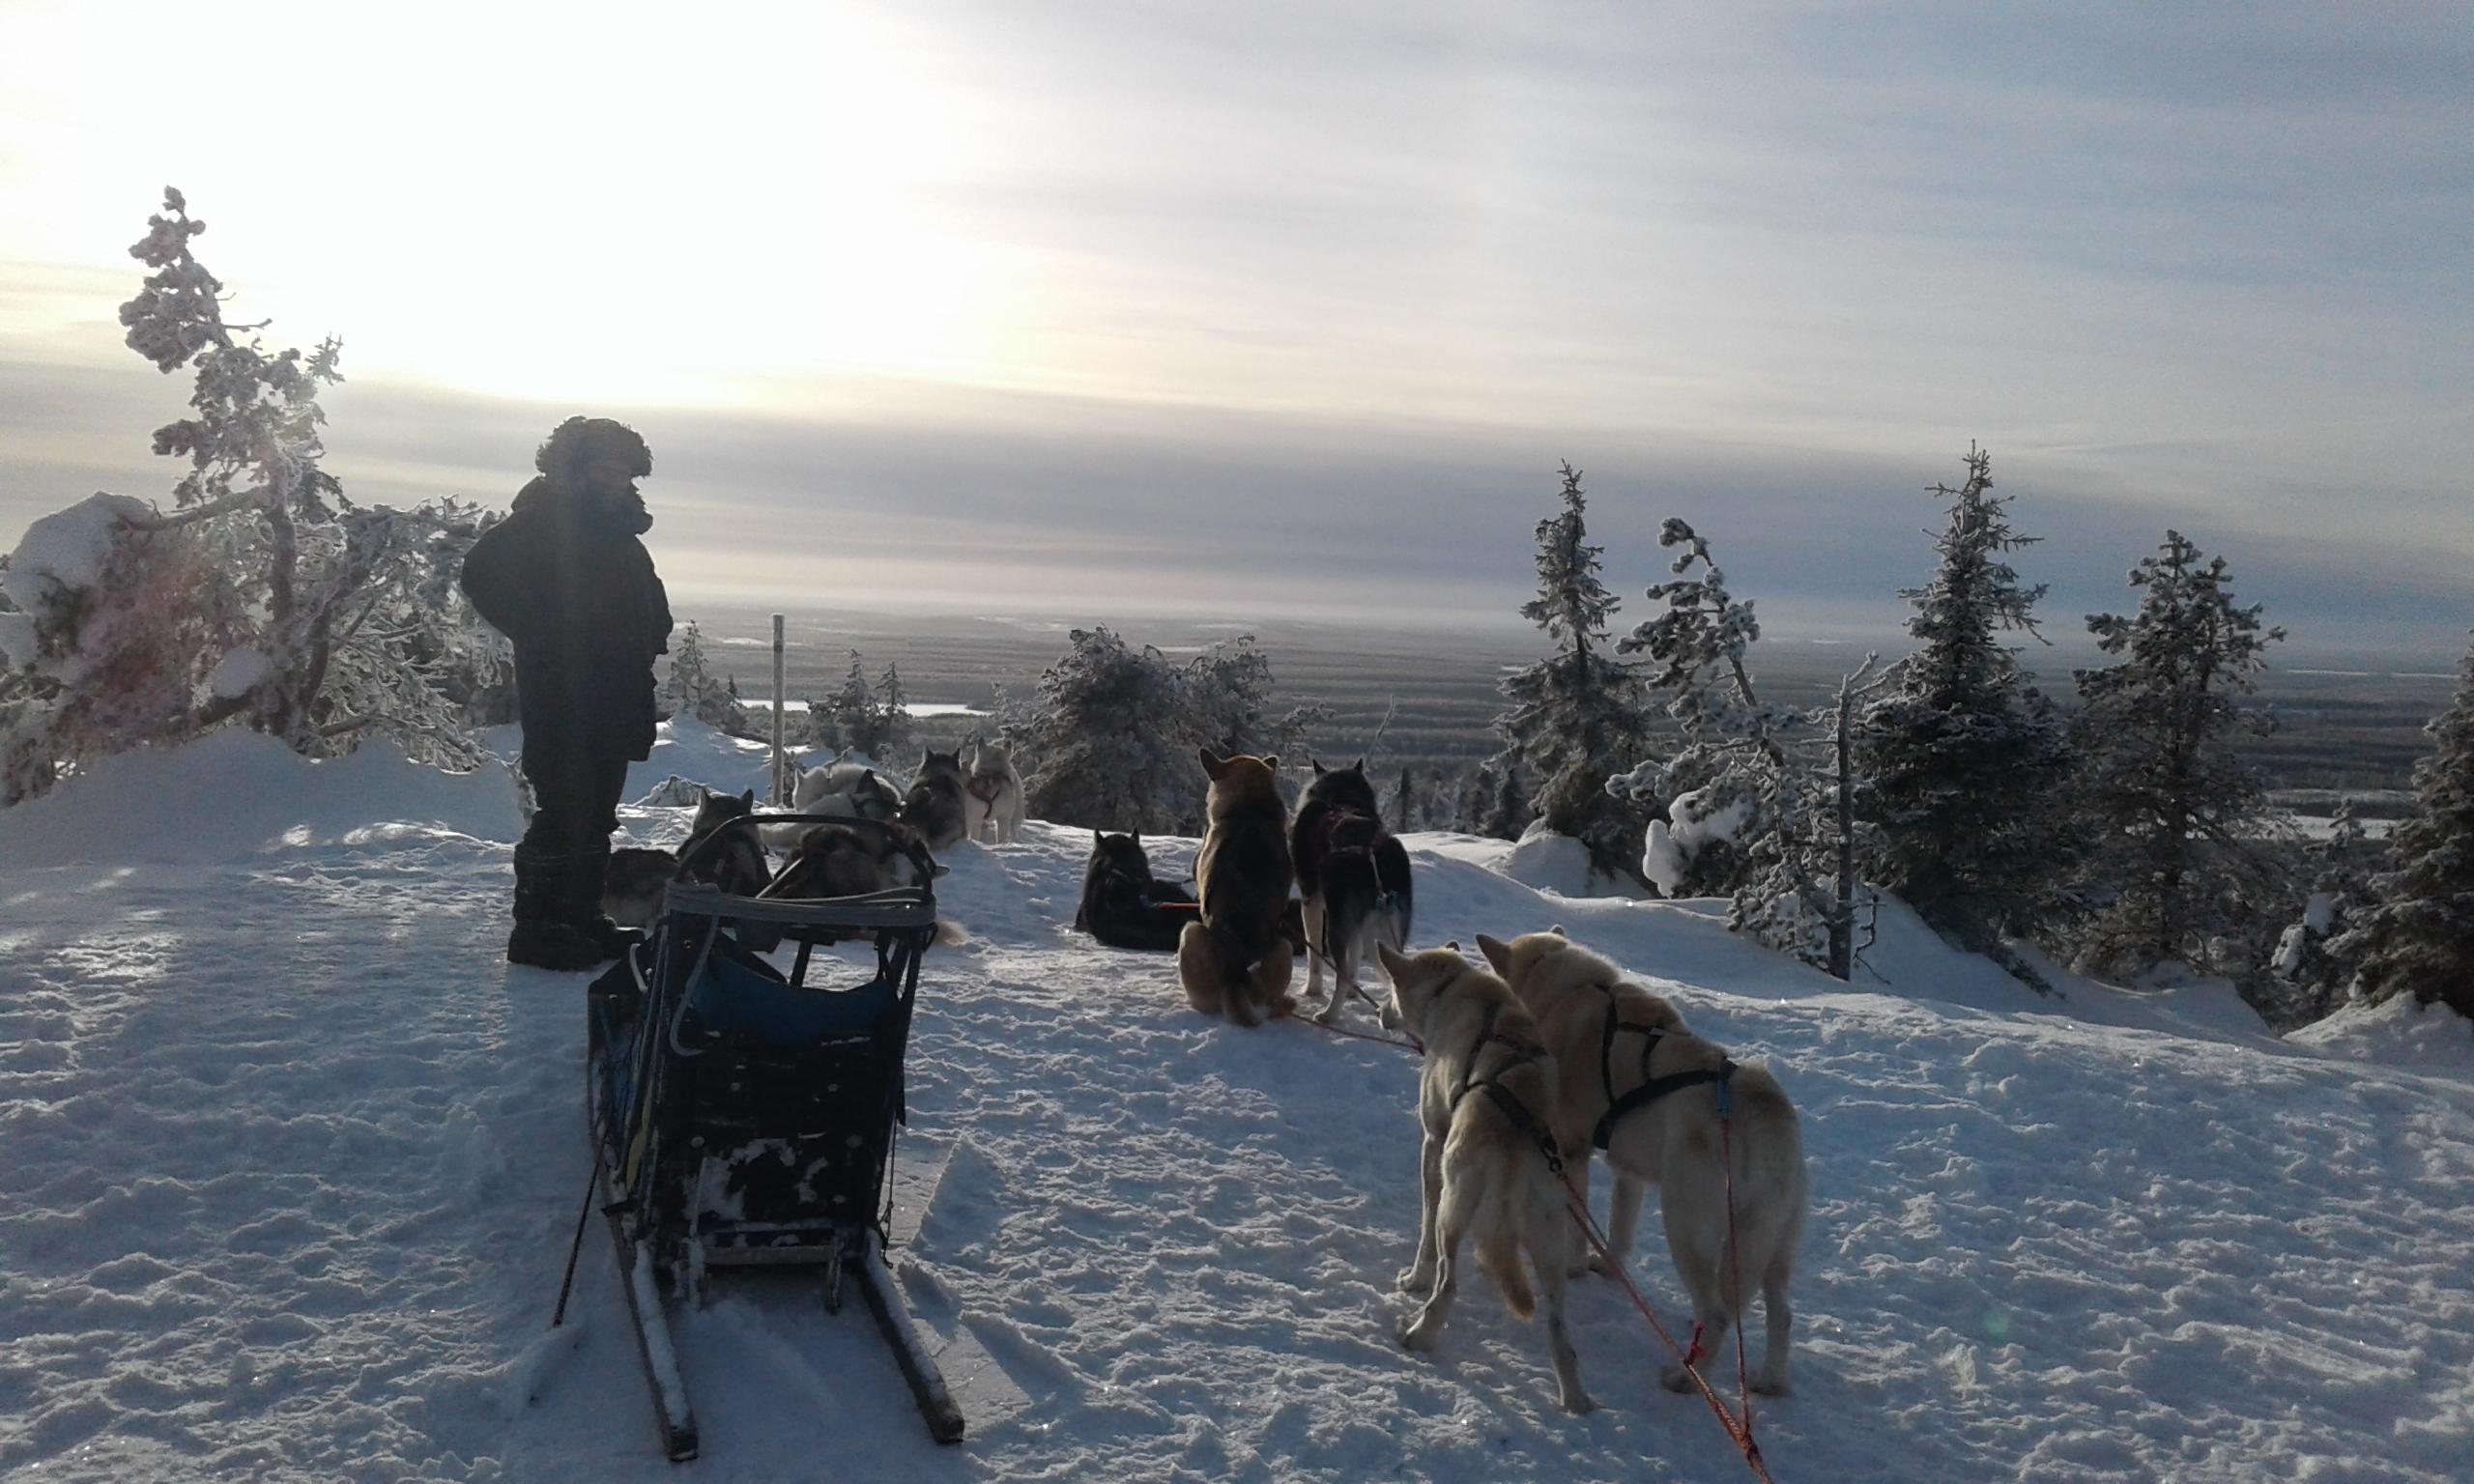 Iivaara Finlande Laponie